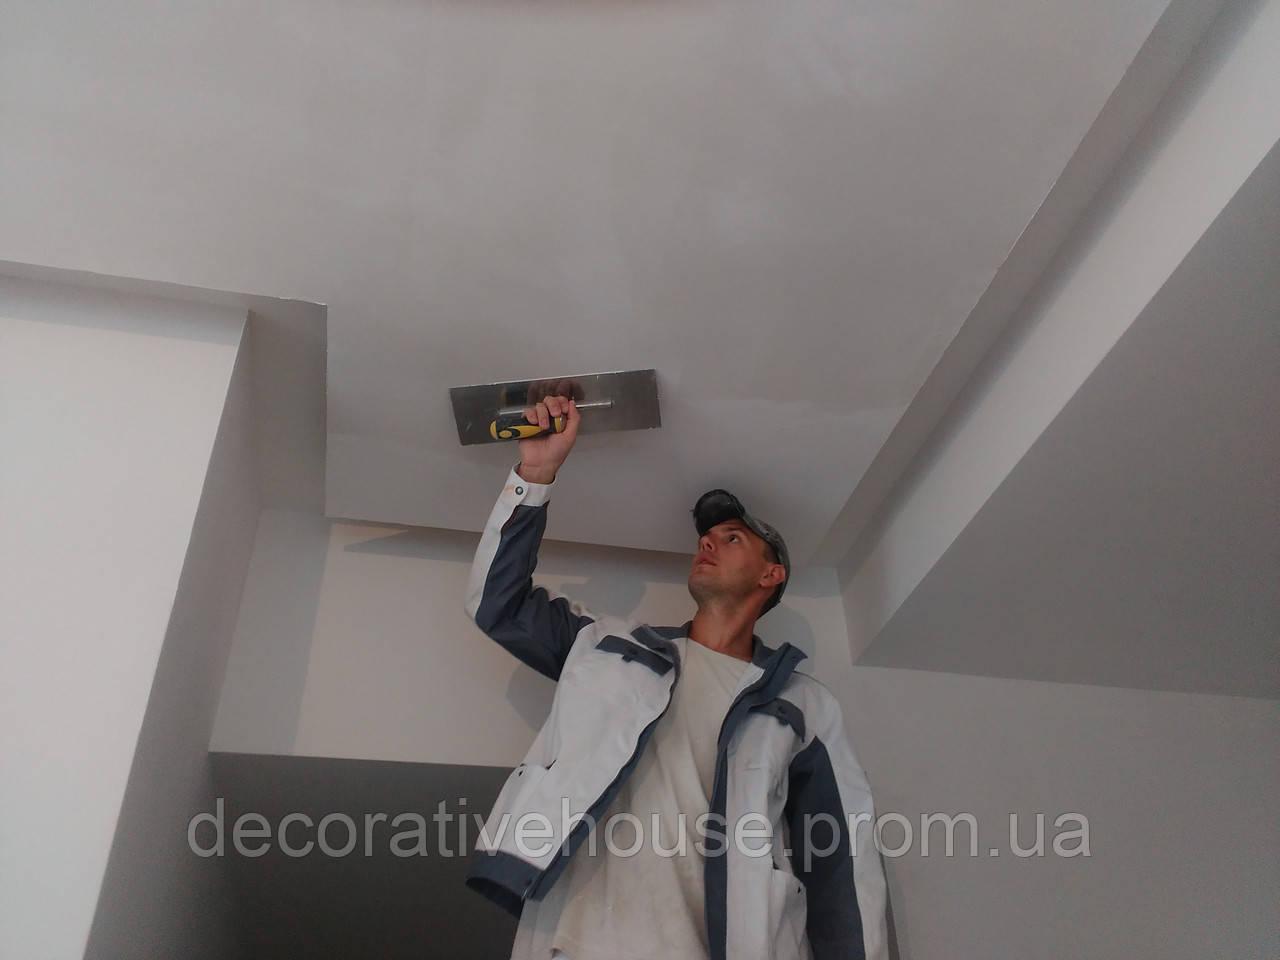 Выполняем работы по шпаклёвке стен и потолков под покраску